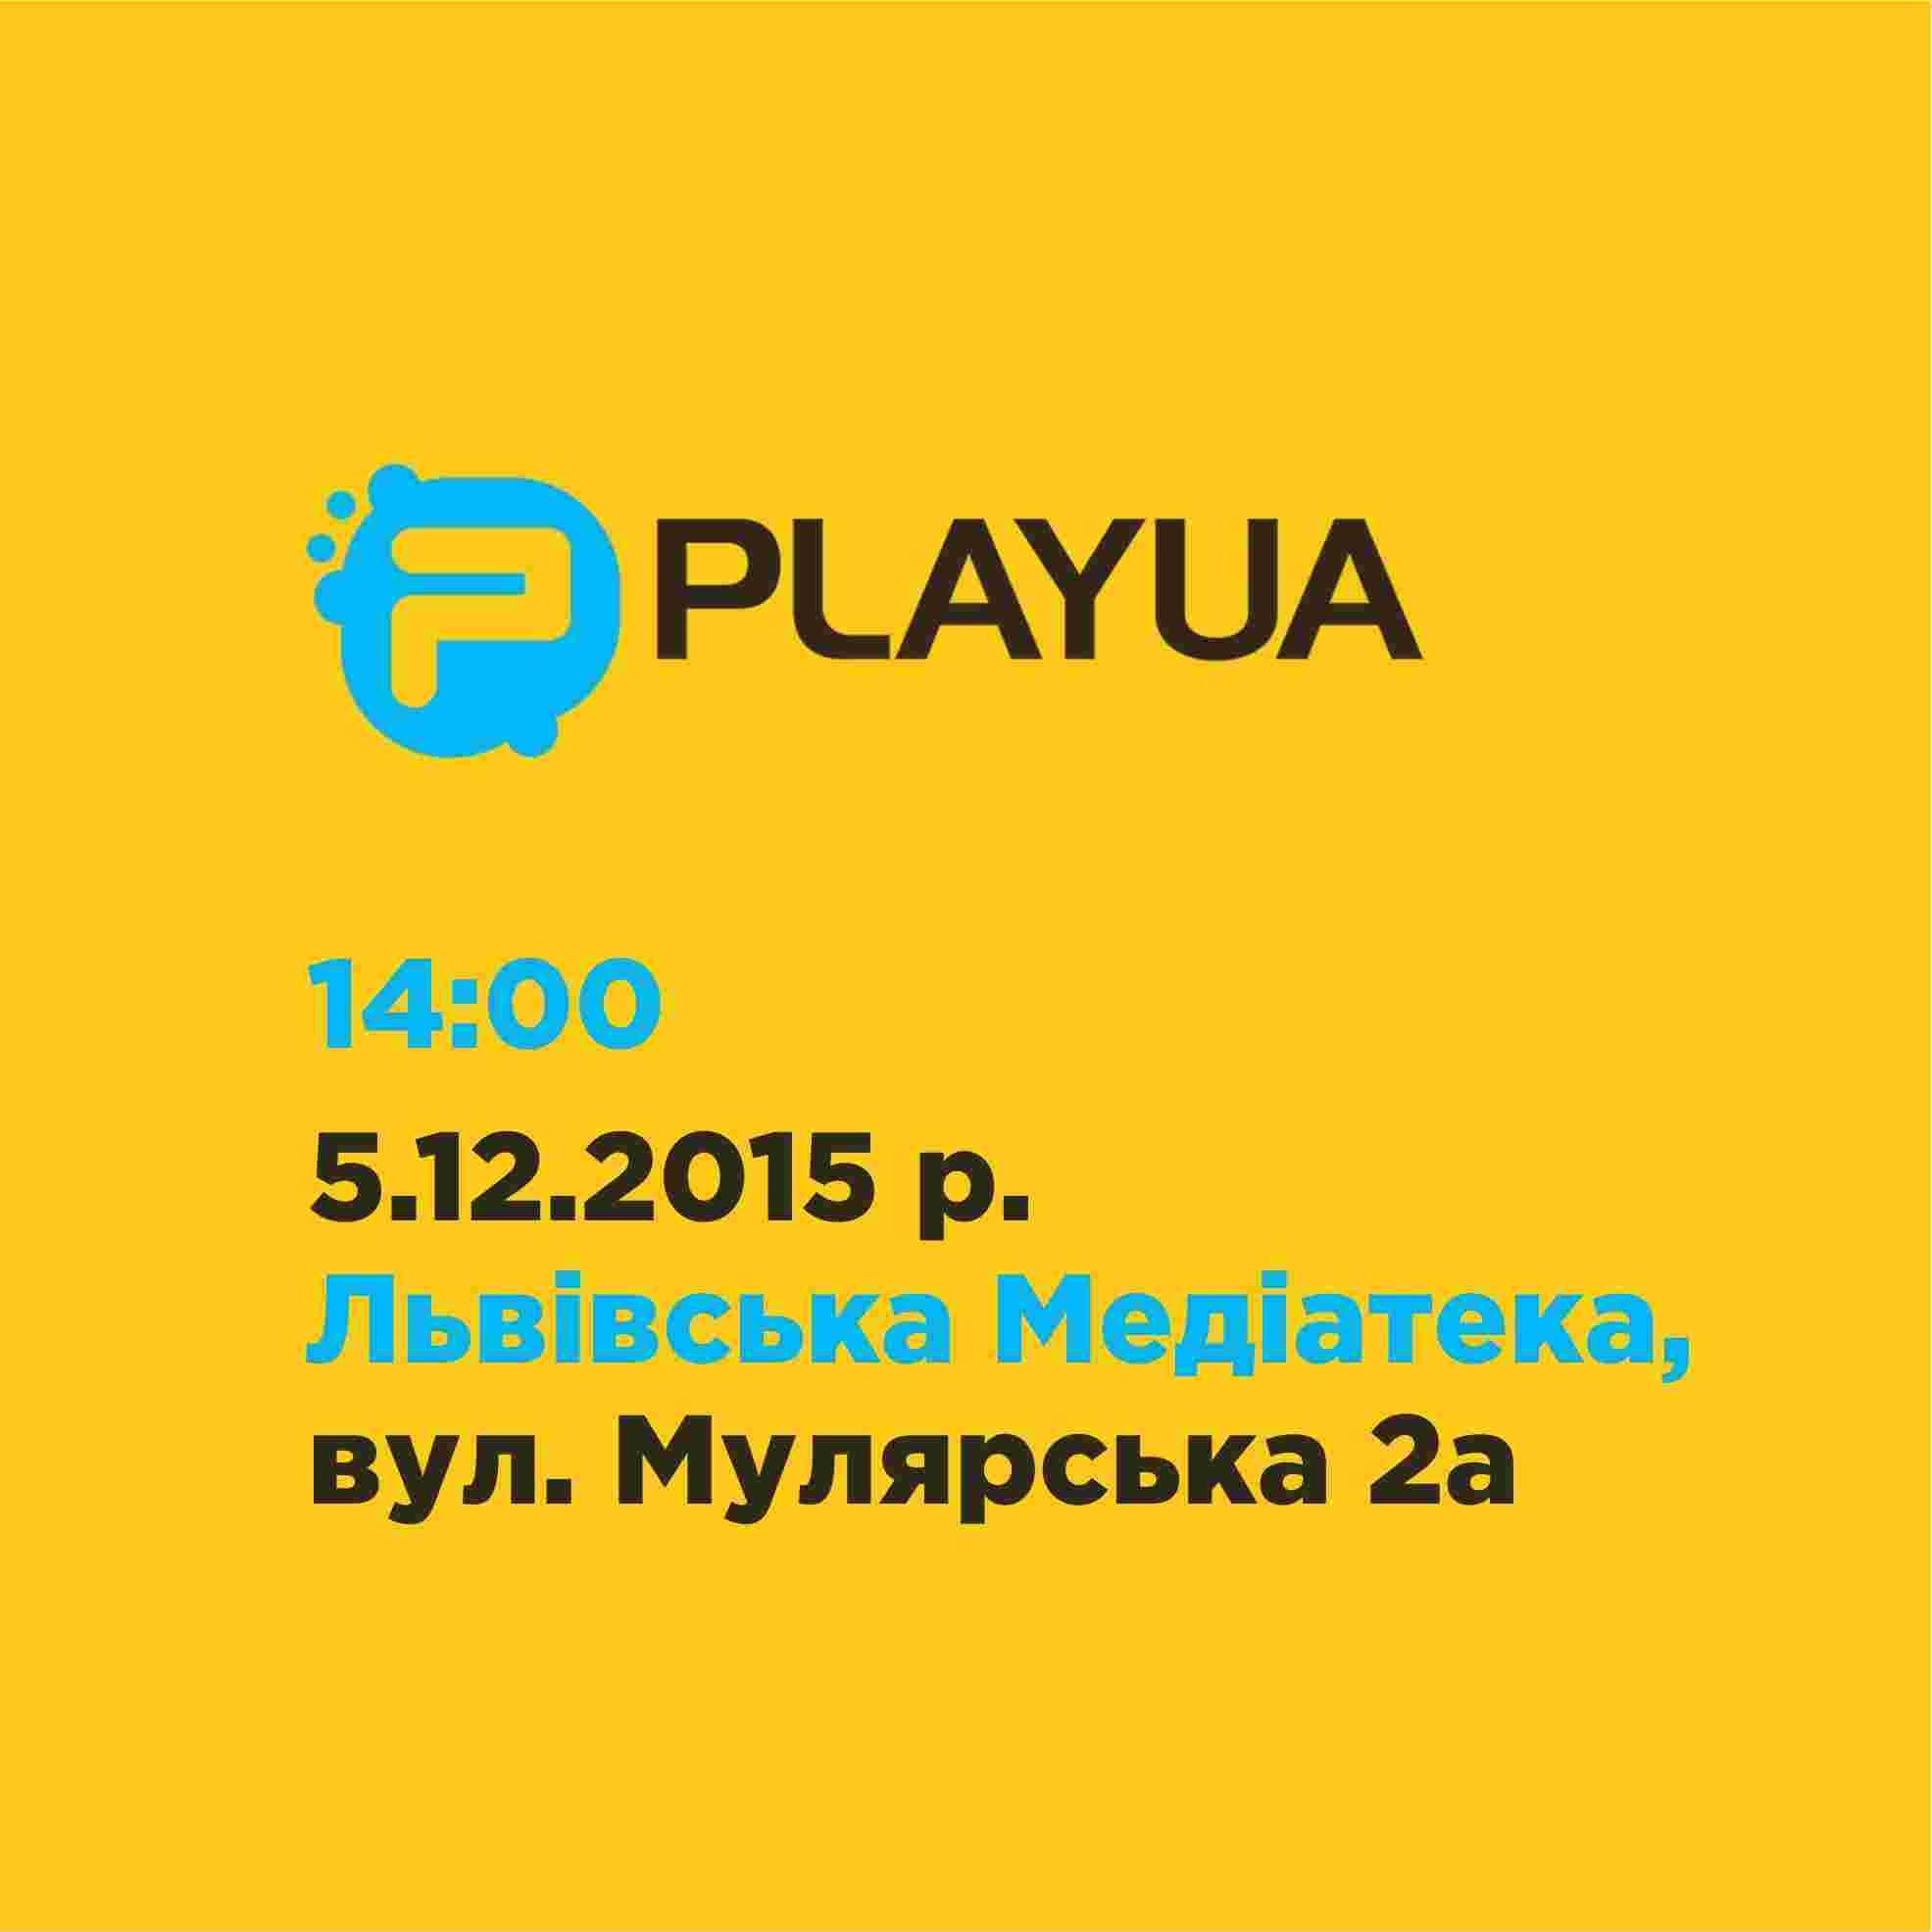 Playua2